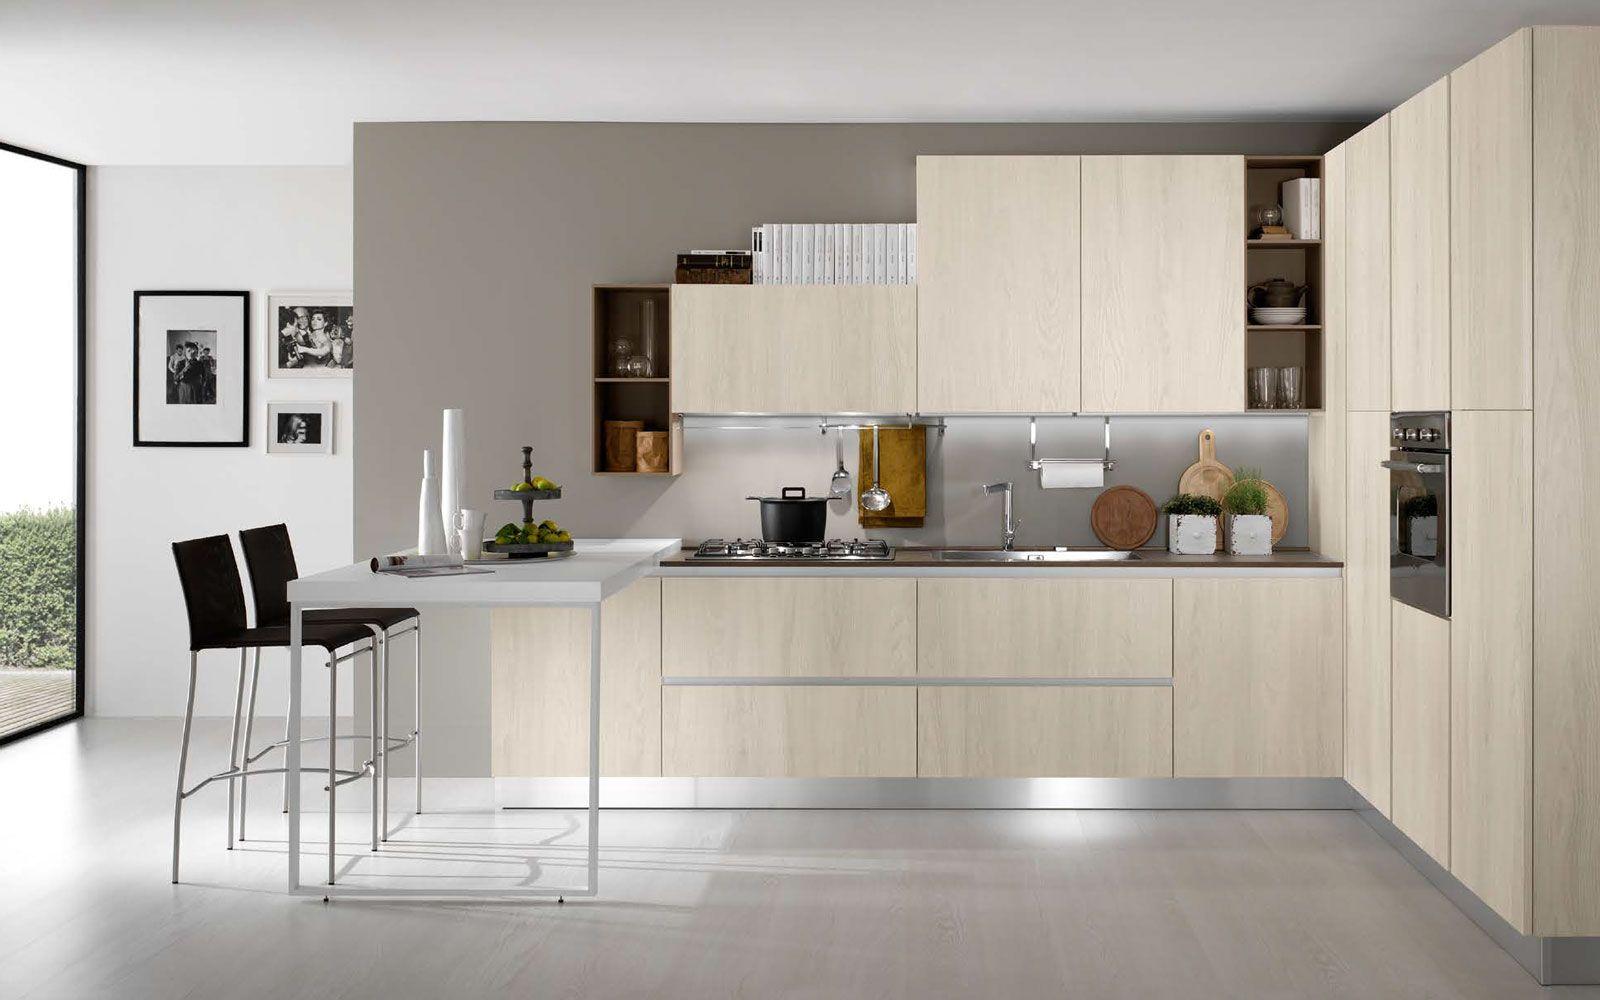 Cucine moderne: CIELO, cucine made in italy, cucine di qualità ...